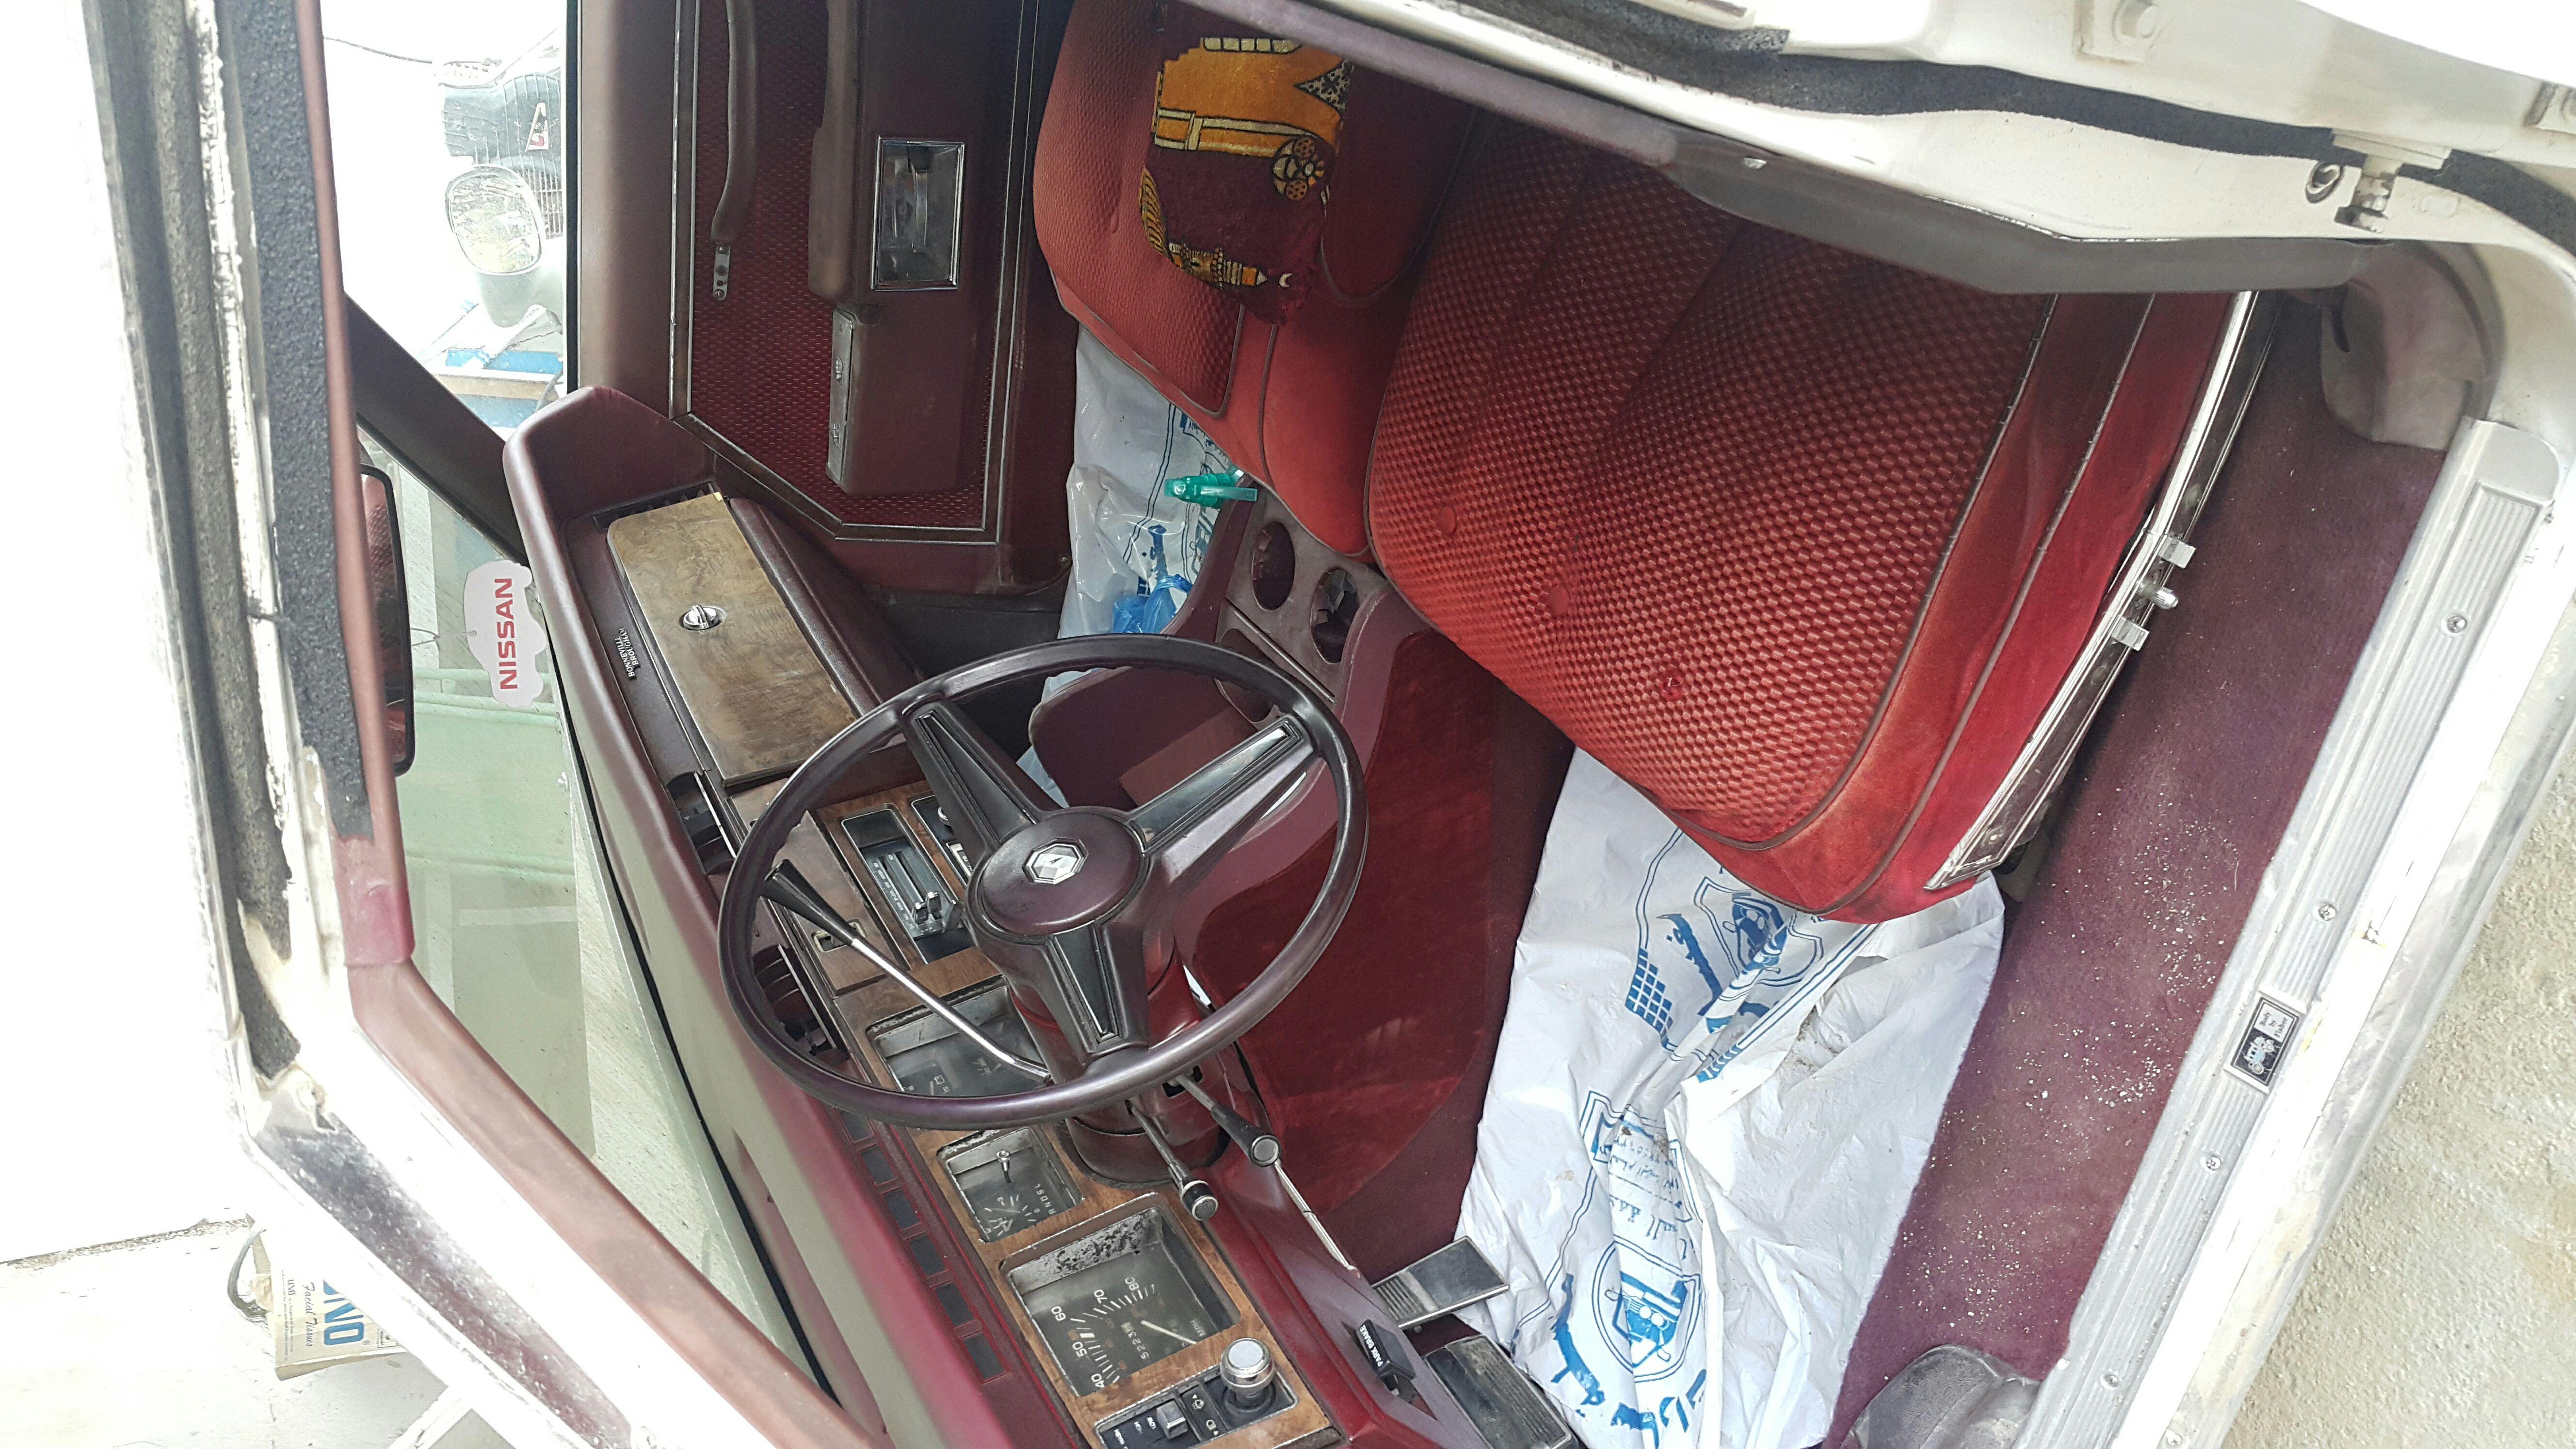 بنوفيل بونتياك سياره كلاسيكية تراثيه